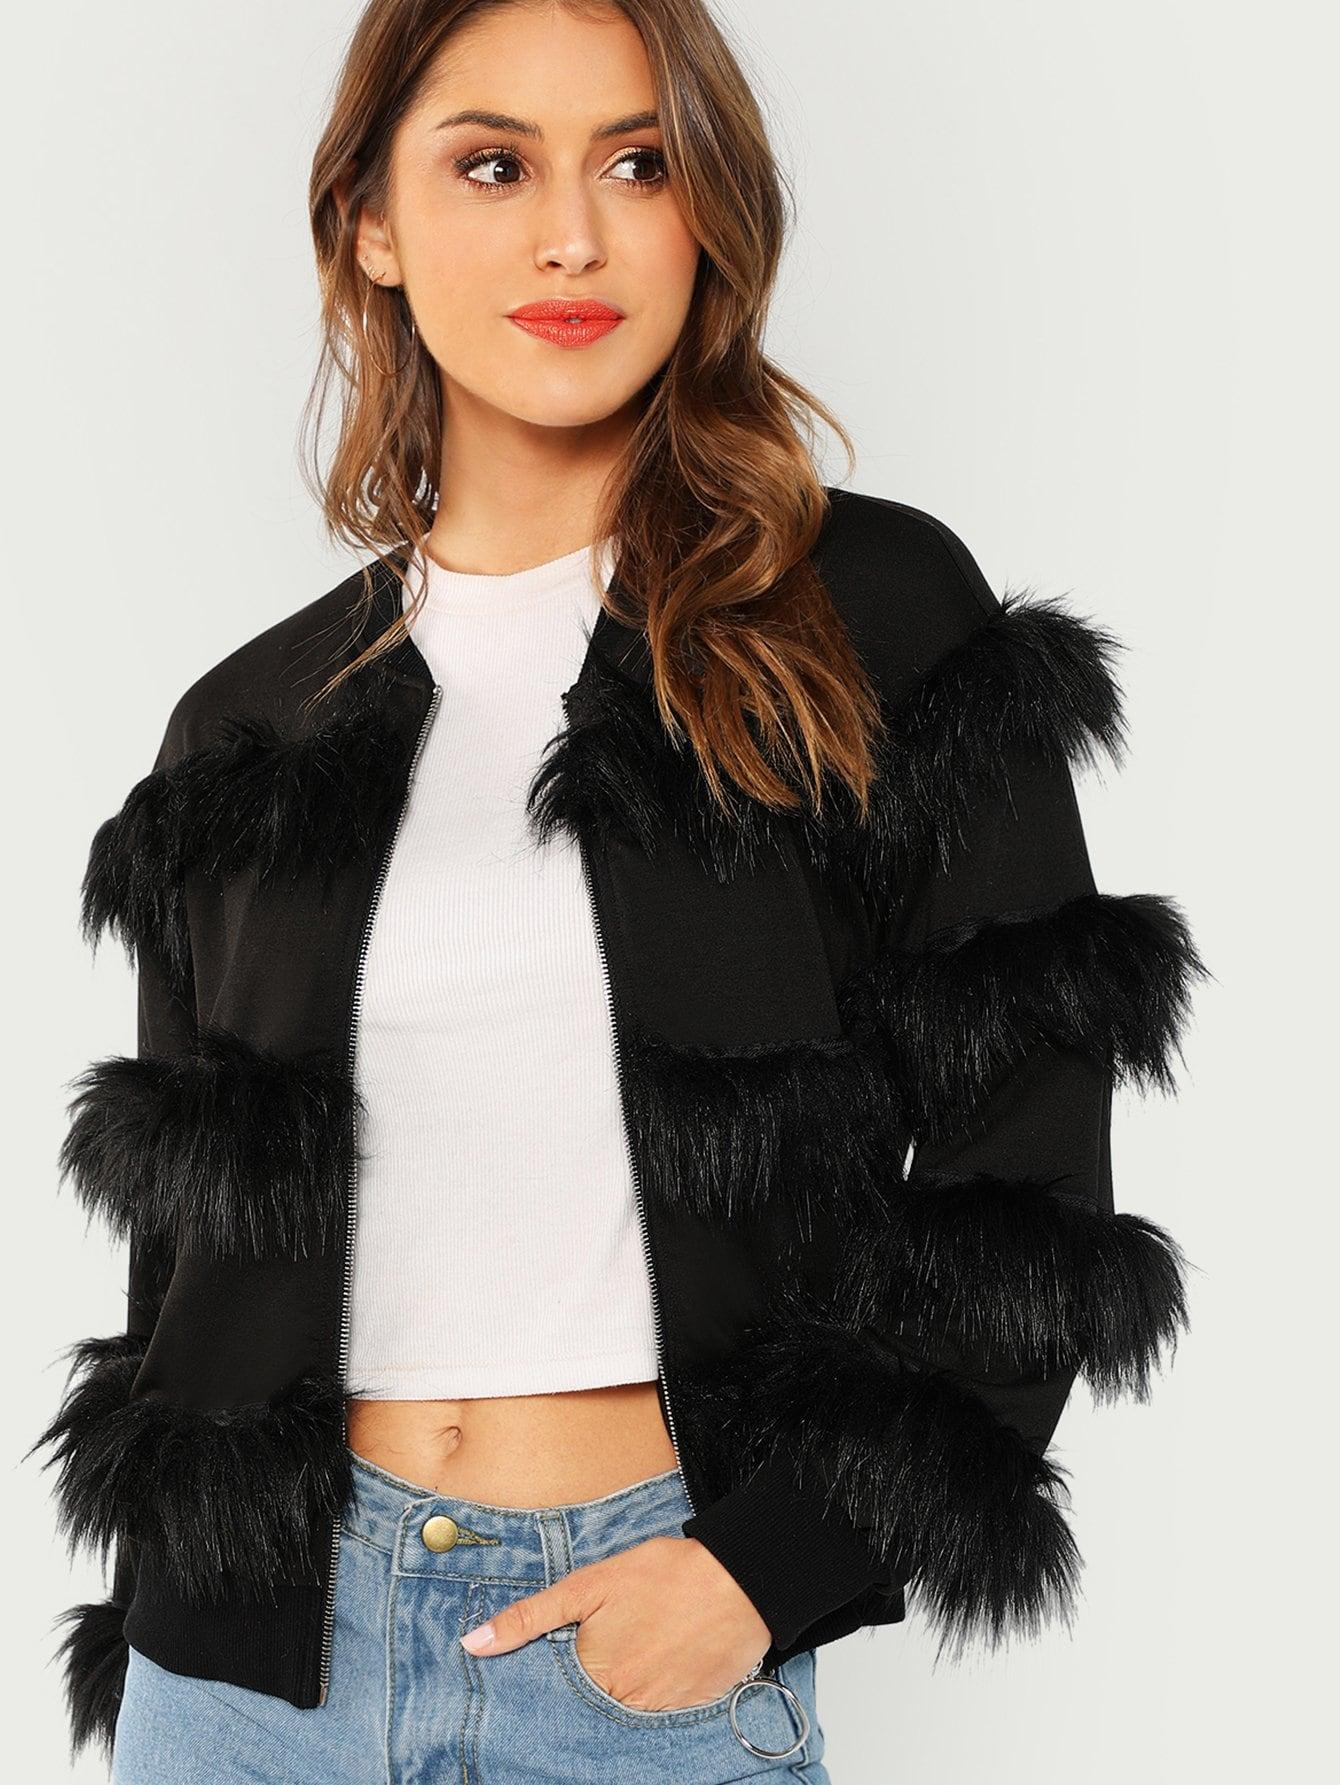 Купить Симметрическое пальто из искусственных кож и с застёжкой молния О-кольца, Gigi Paris, SheIn